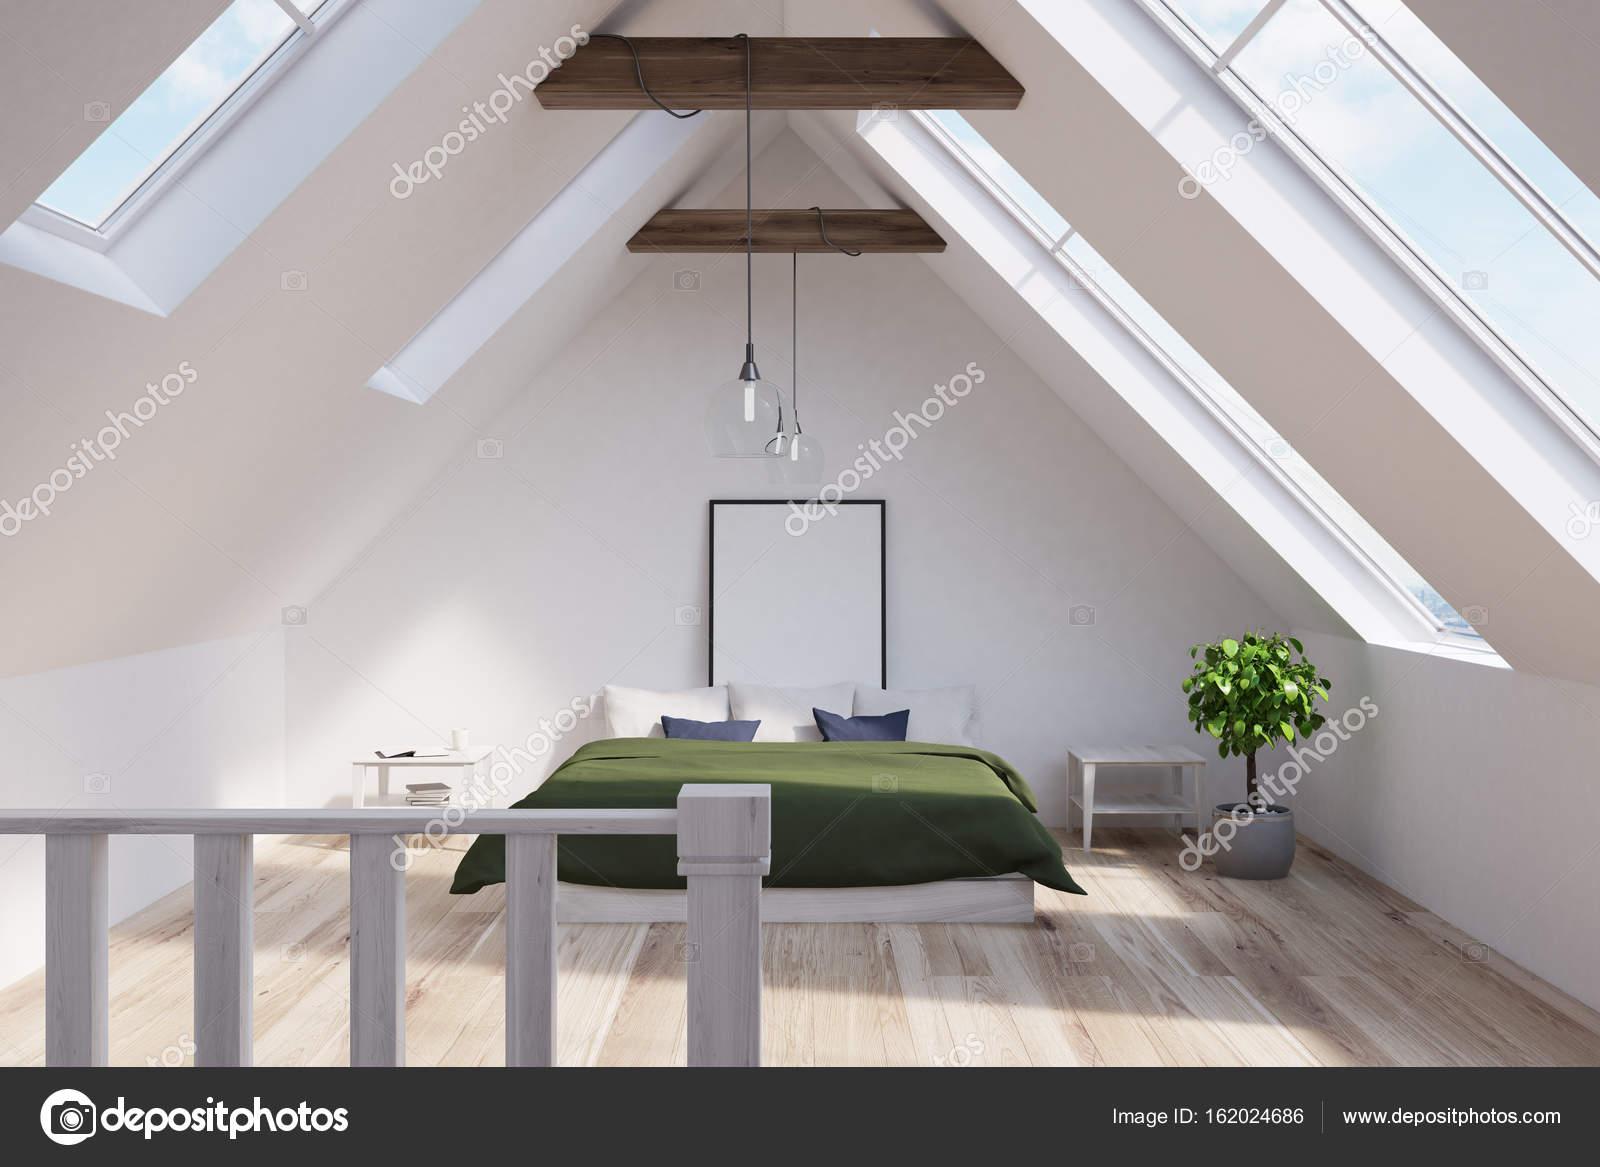 Dachgeschoss Schlafzimmer mit einem grünen Bett, Plakat — Stockfoto ...